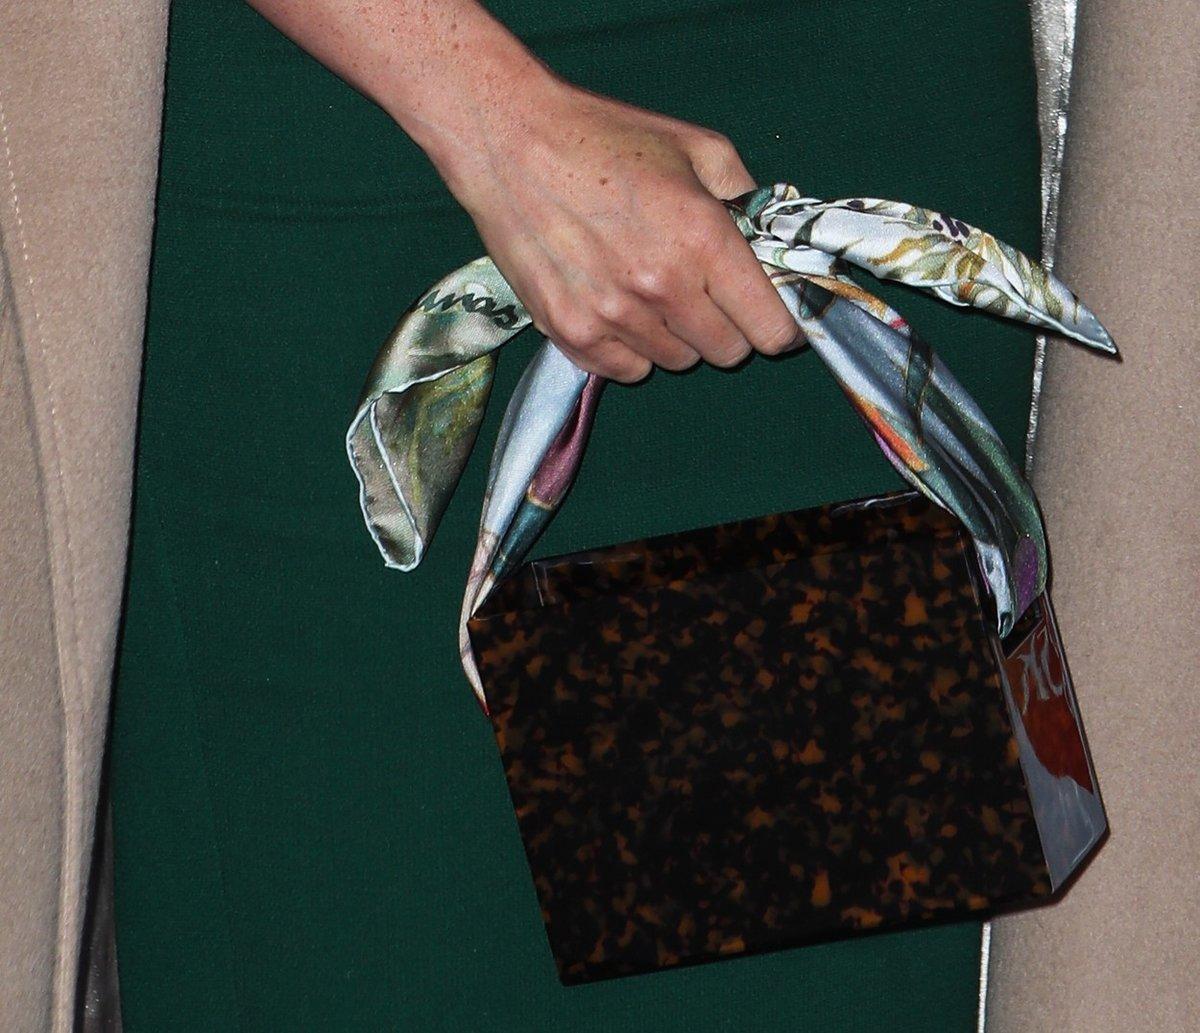 Vévodkyně při volbě kabelky vsadila na londýnskou značku Montunas